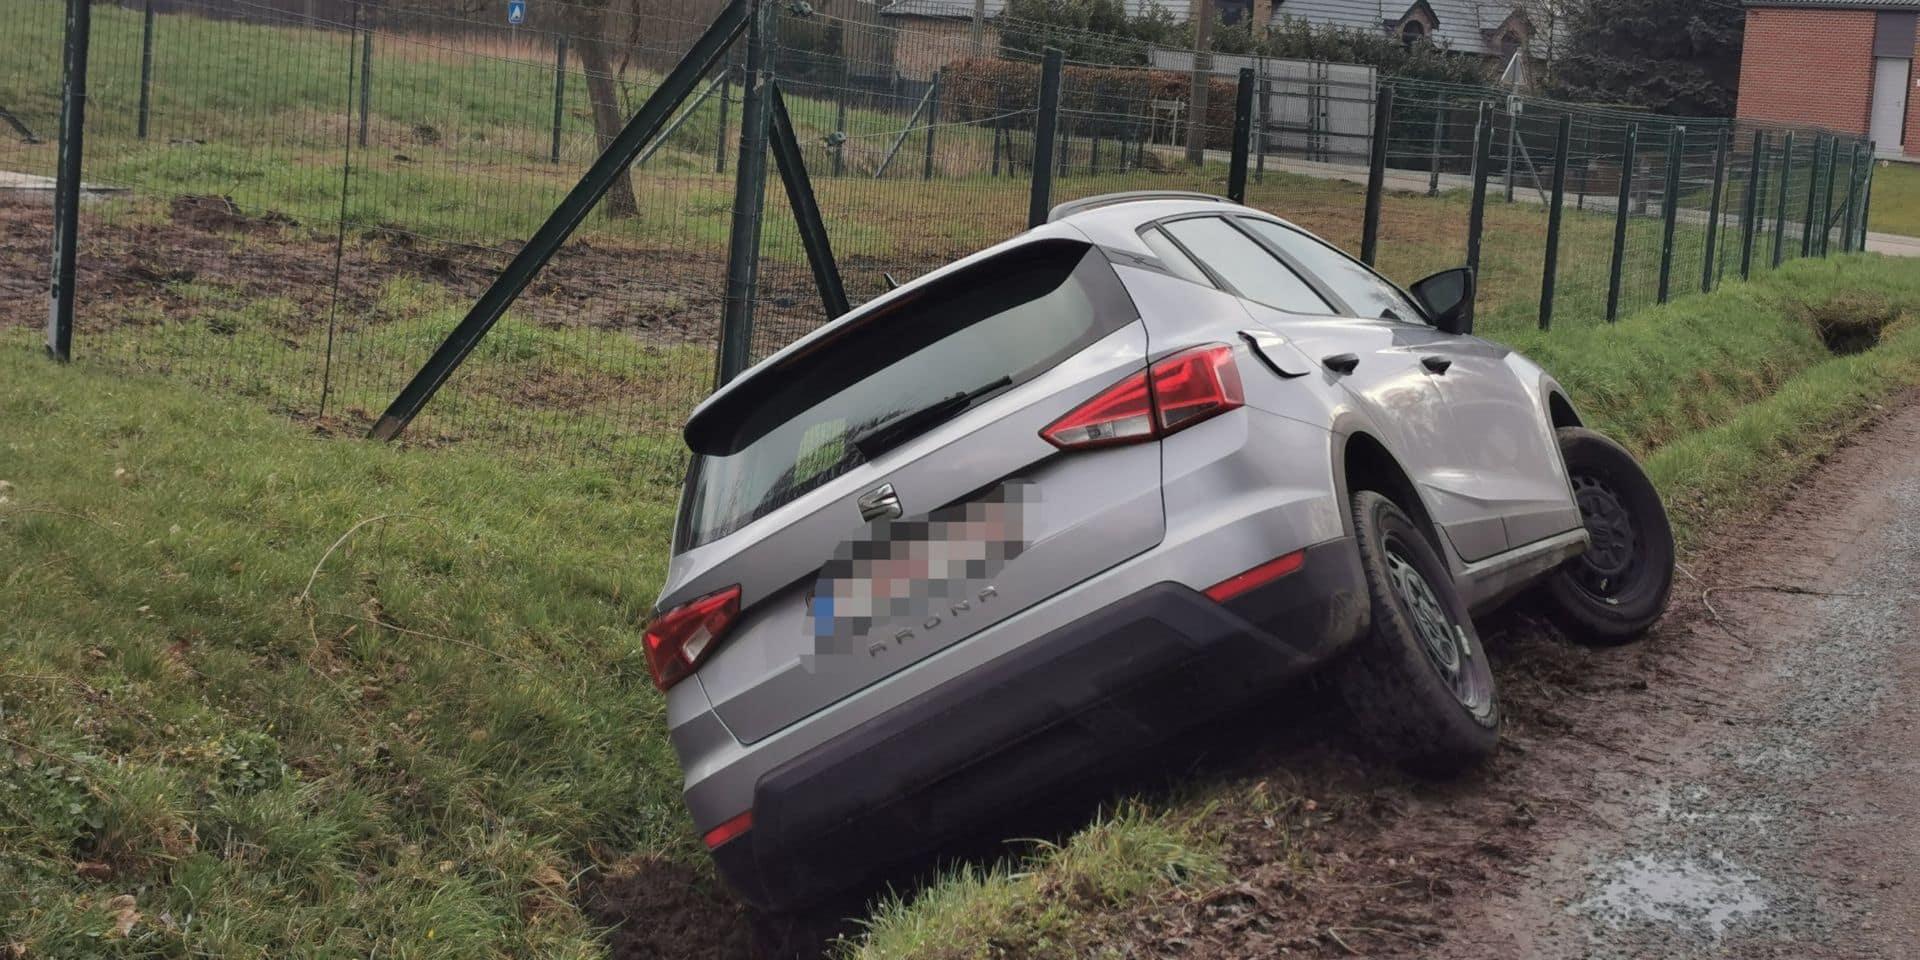 Accident à Leernes: une voiture finit coincée dans le fossé le long de la route